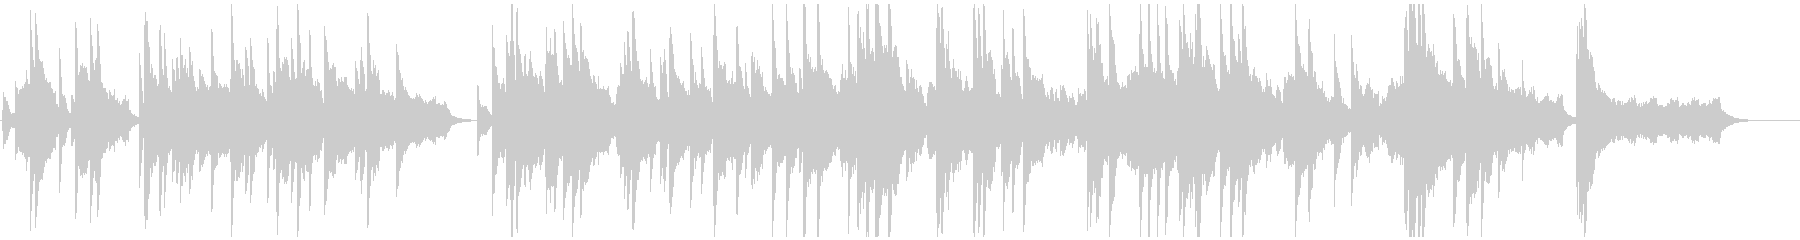 暗い曲調から明るく転調するピアノバラードの未再生の波形